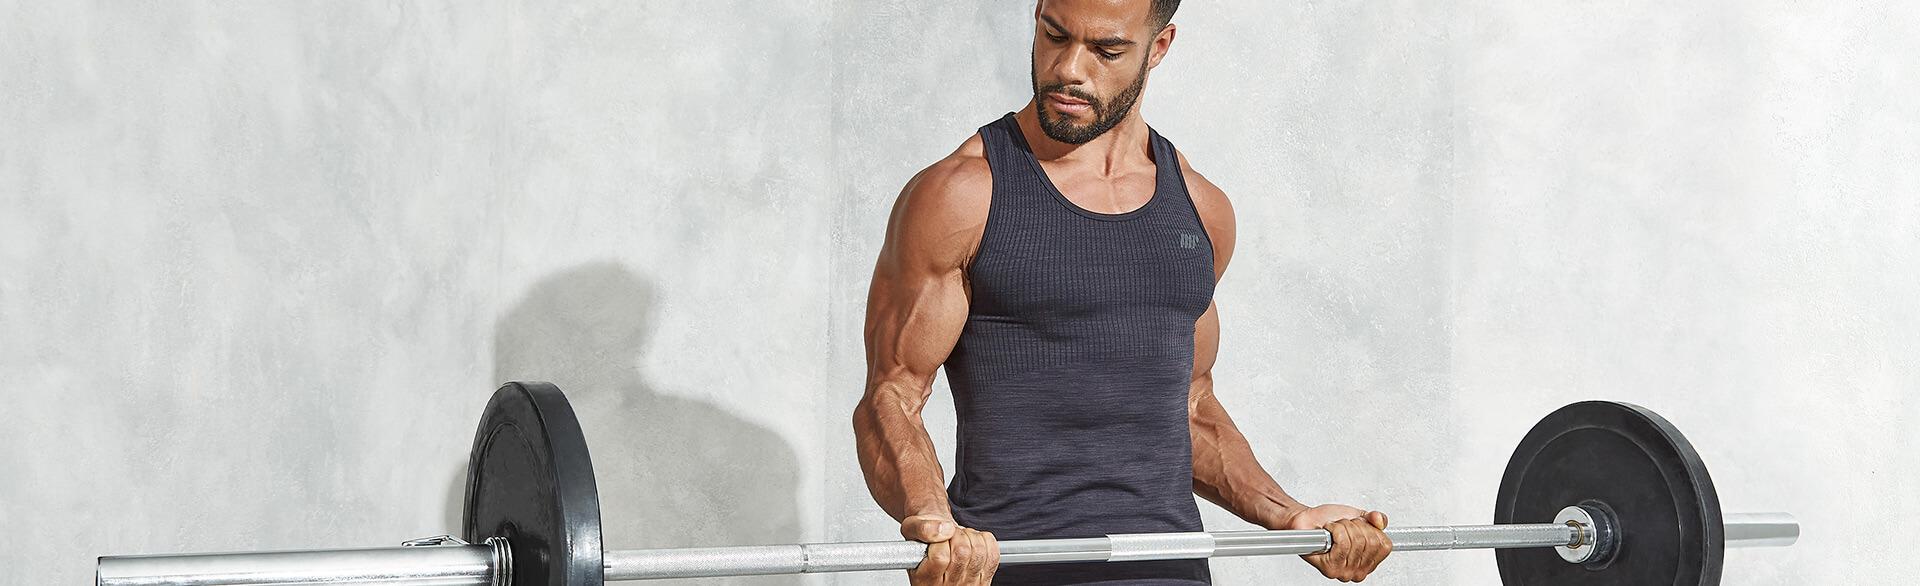 Rakenna lihasta & voimaa